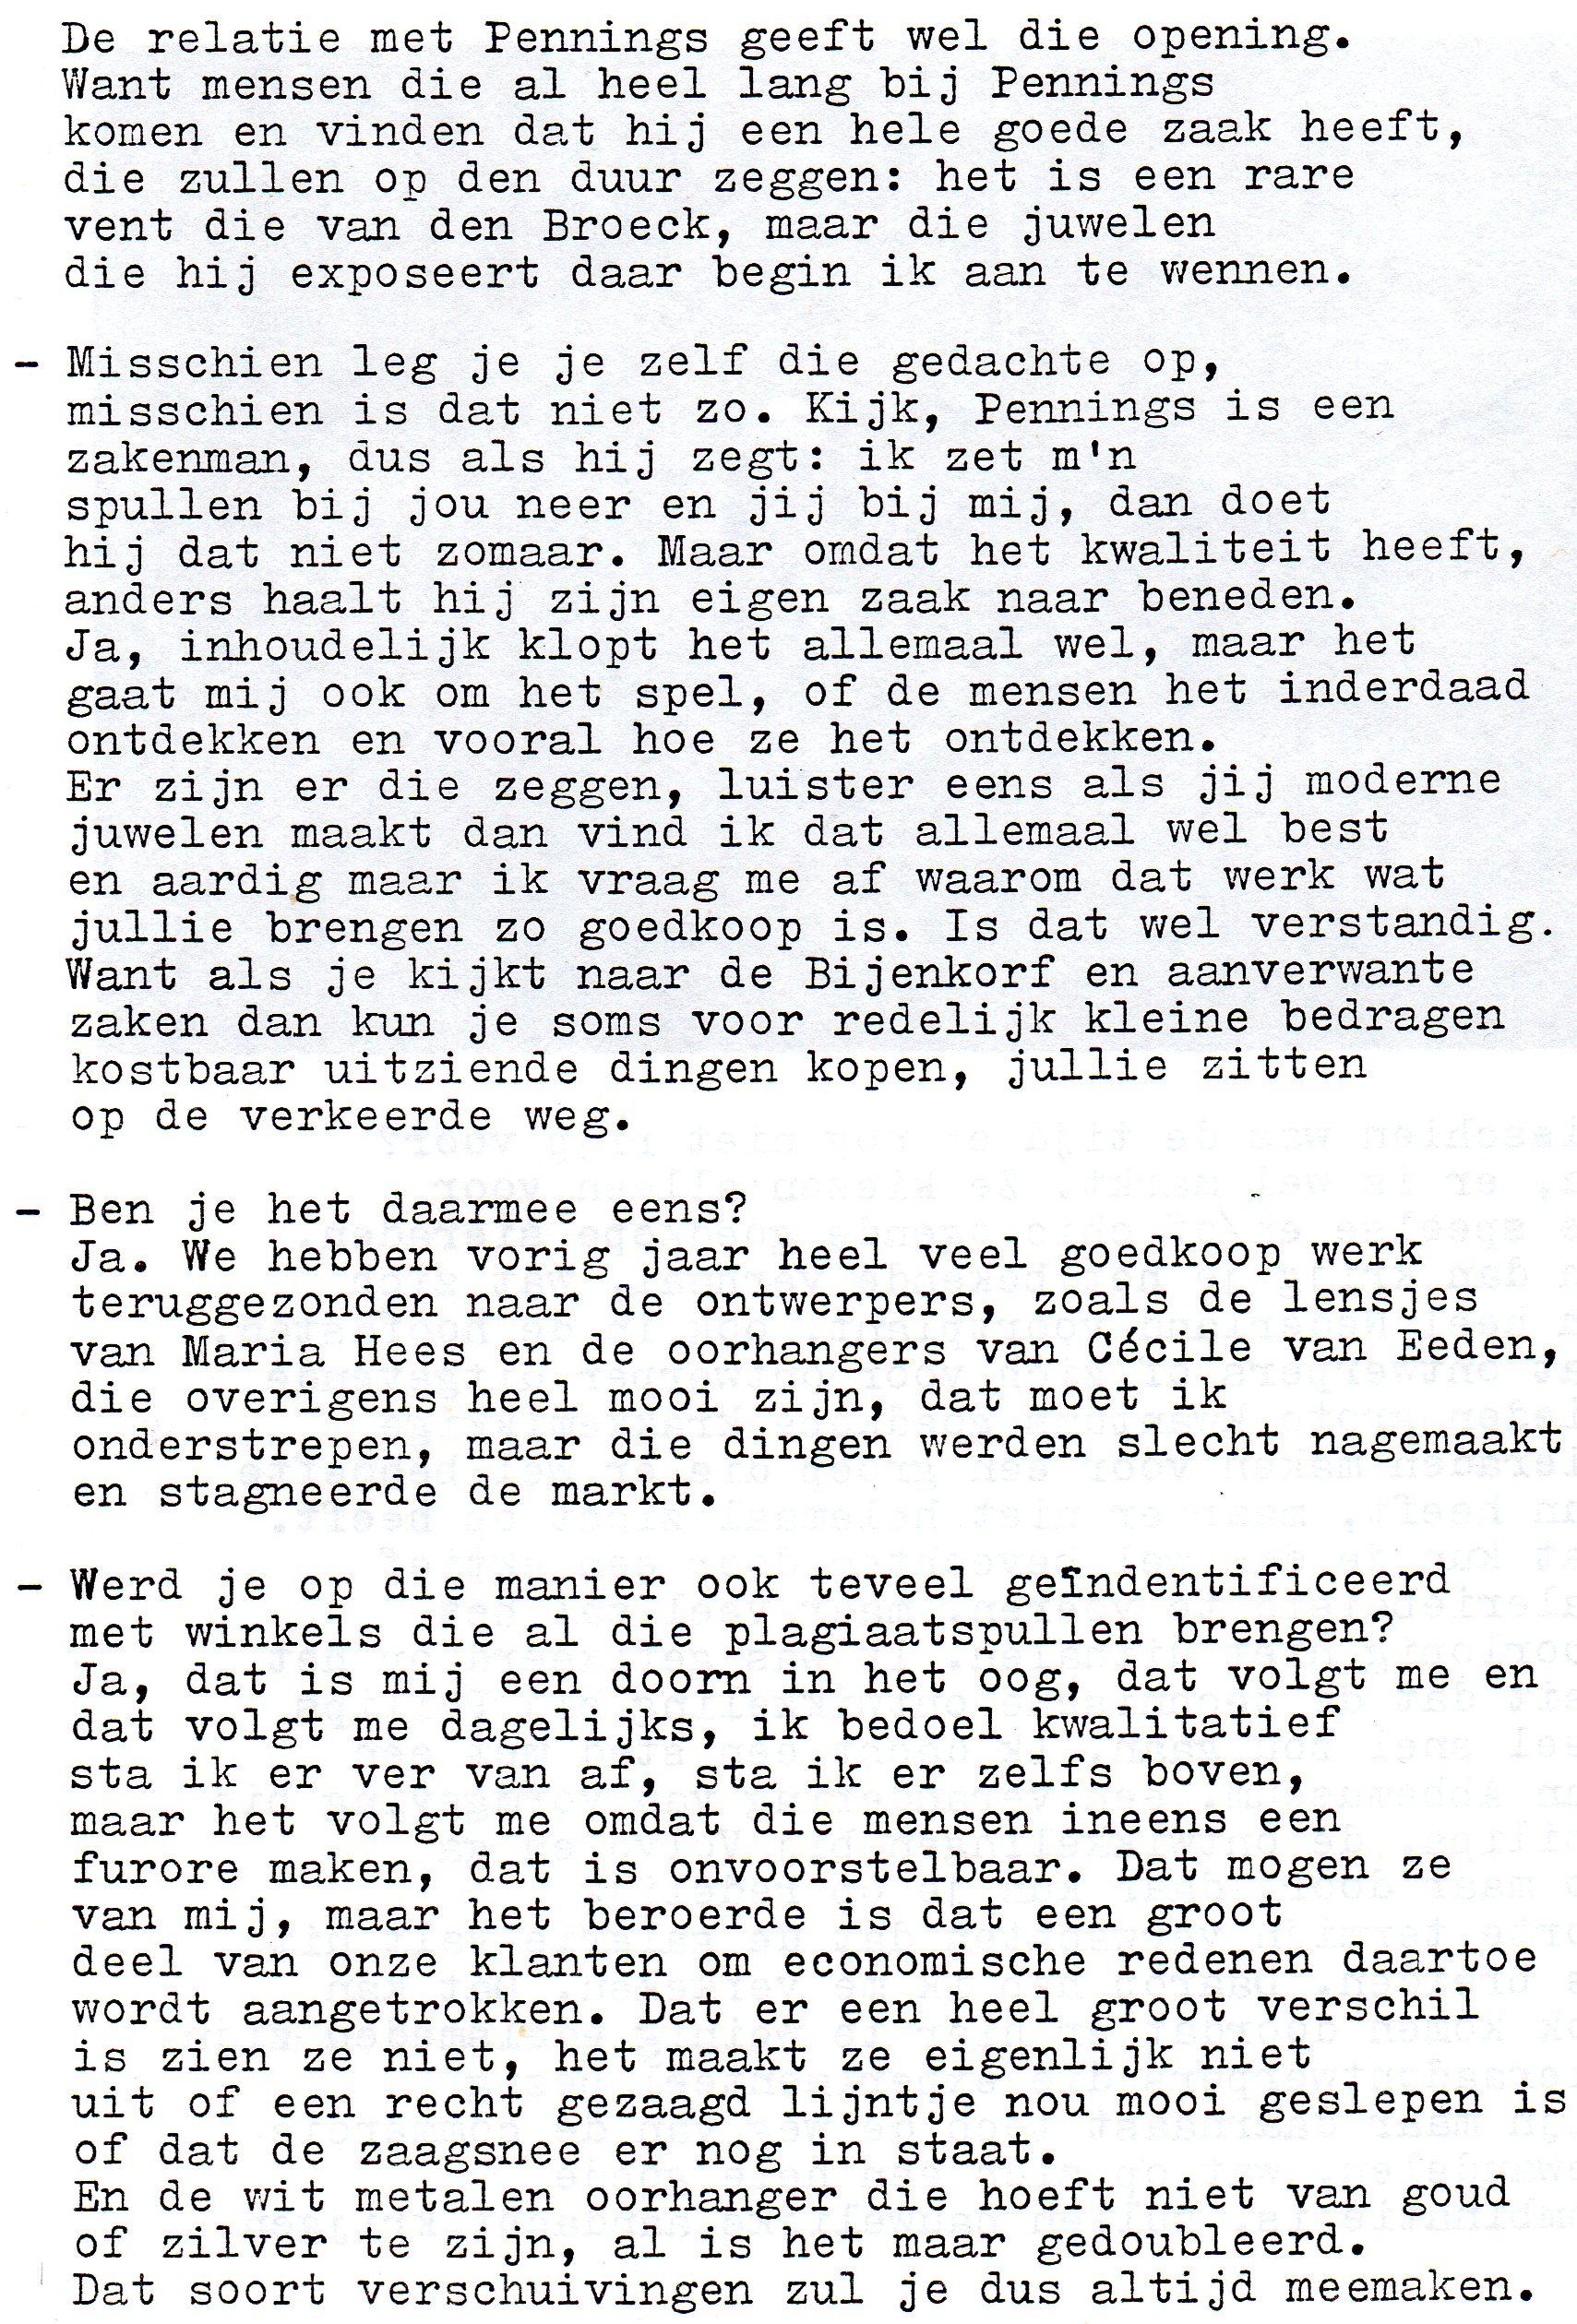 Clemens van den Broeck in het VES bulletin, 8, papier, typoscript